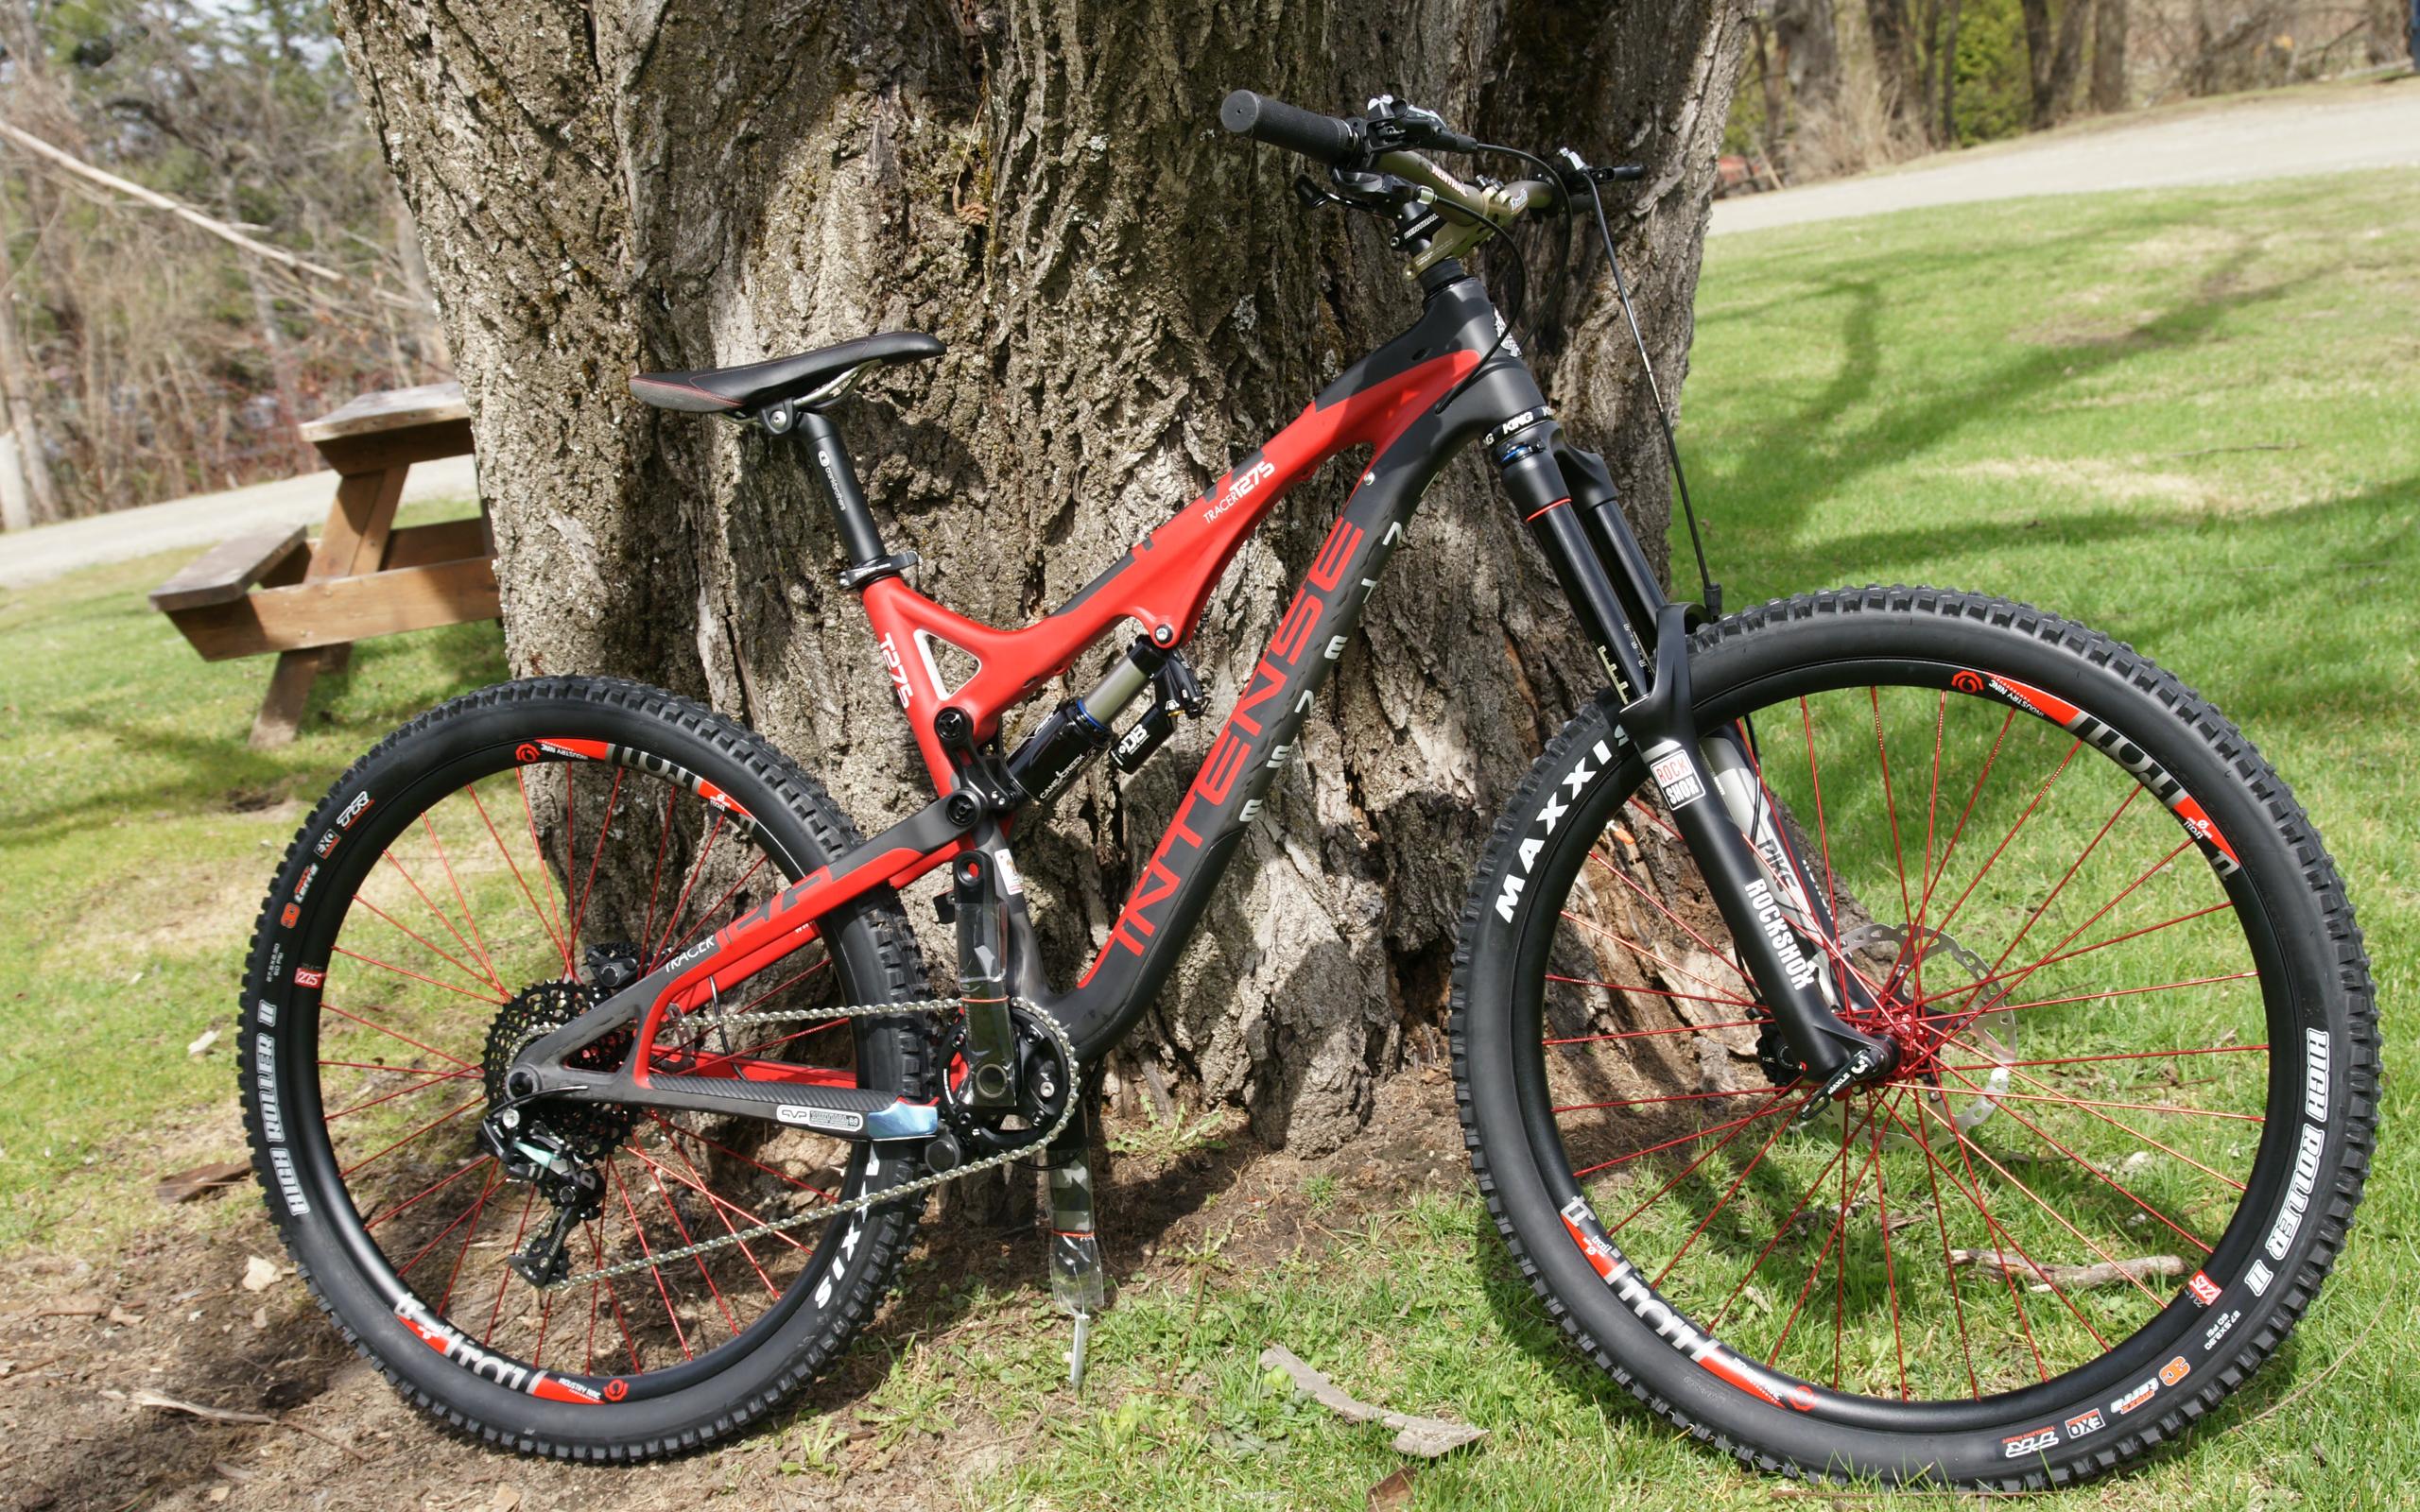 горный велосипед купить воронеж, преимущества